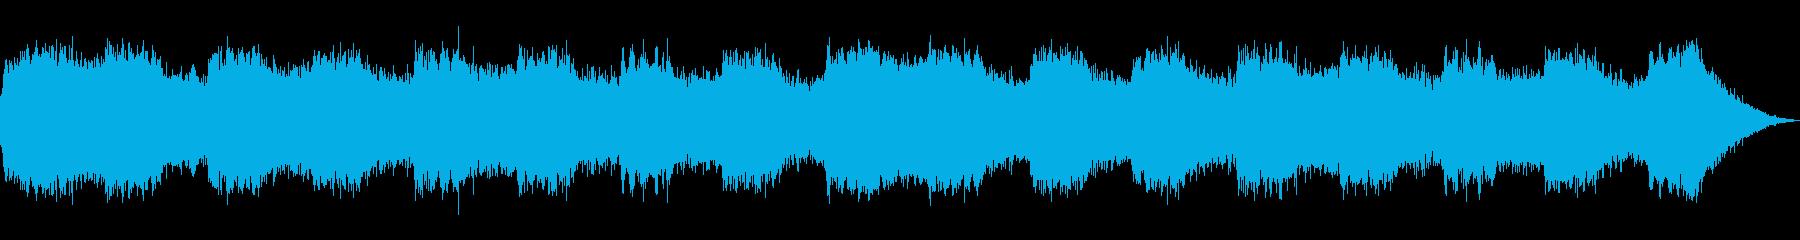 叫びのテーマ30秒BGMの再生済みの波形